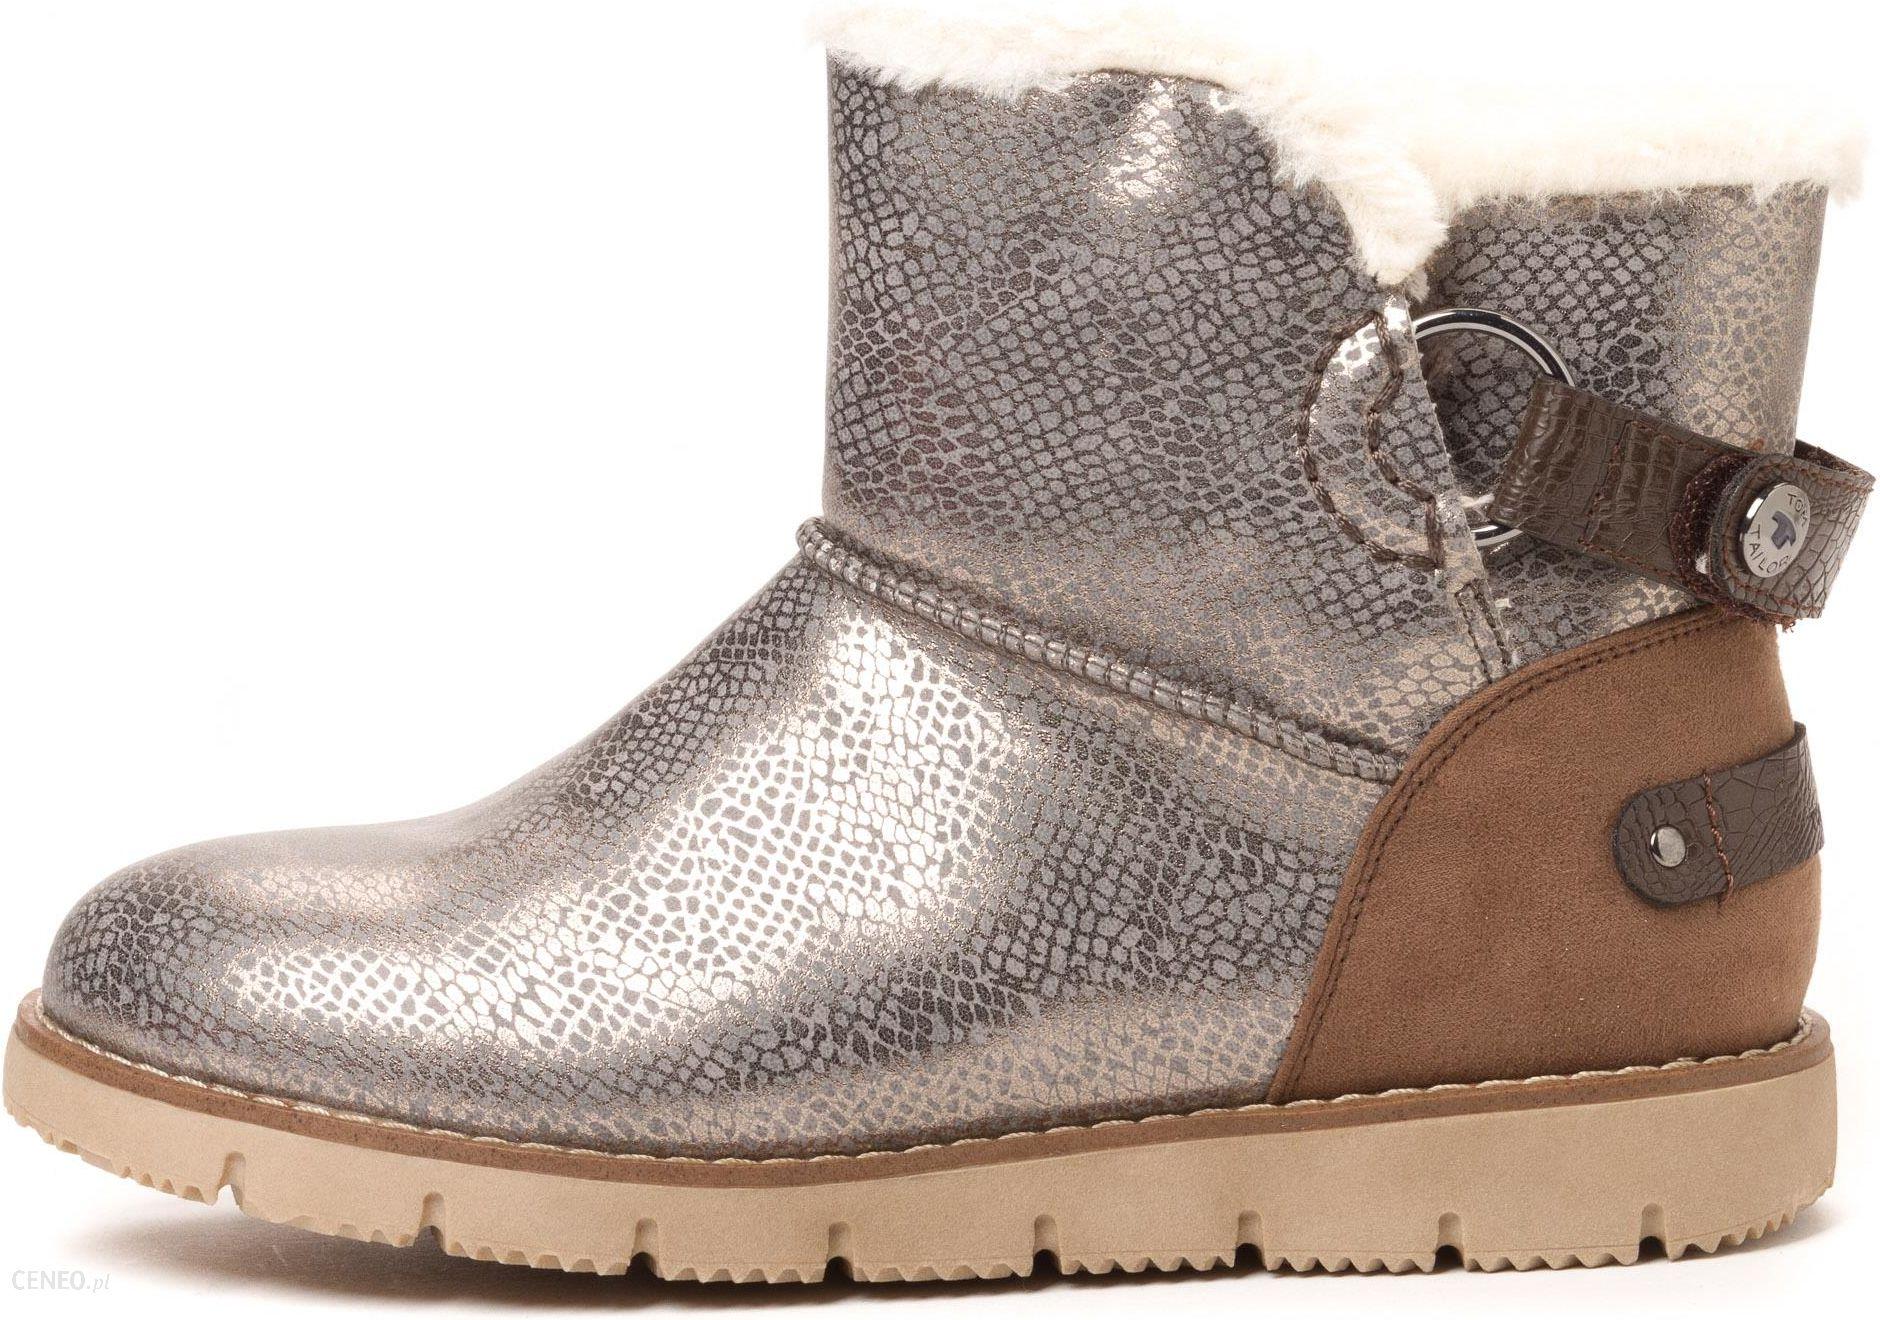 ba918da6d749fe Tom Tailor buty zimowe damskie 37 szary - Ceny i opinie - Ceneo.pl